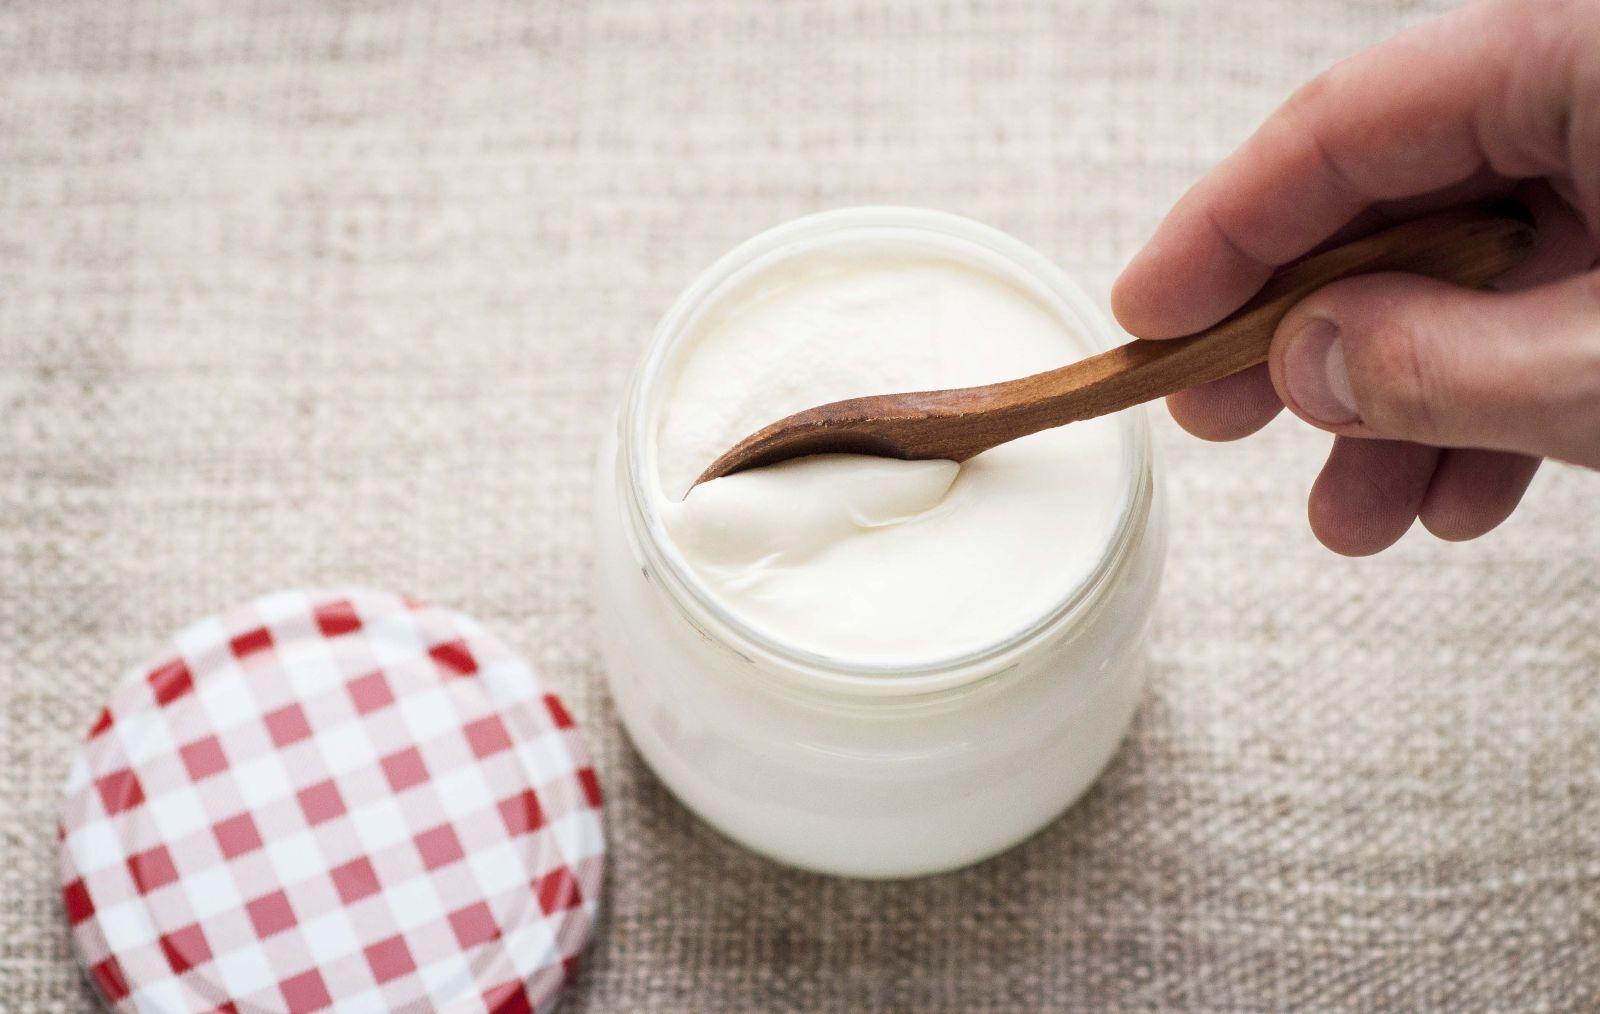 Đang vật vã giảm cân mà lên cơn đói, 5 món ăn vặt ít kcal sẽ là thứ chị em cần - Ảnh 4.